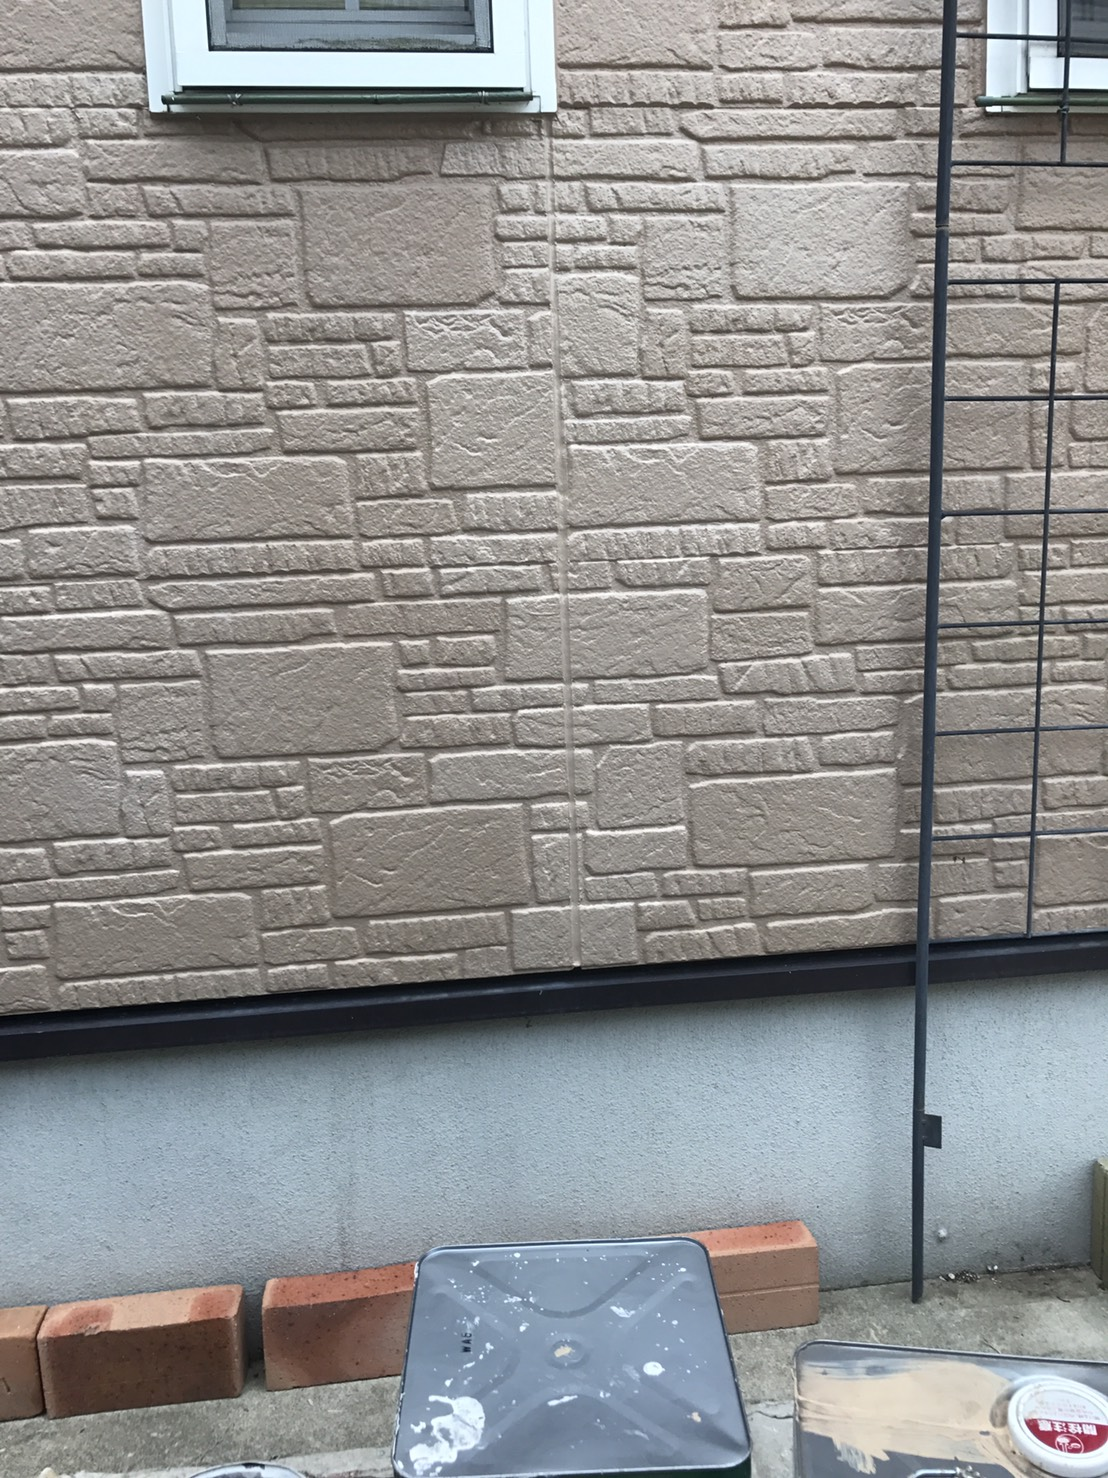 兵庫県T様邸コーキング部分の補修、塗装工事 - AFTER